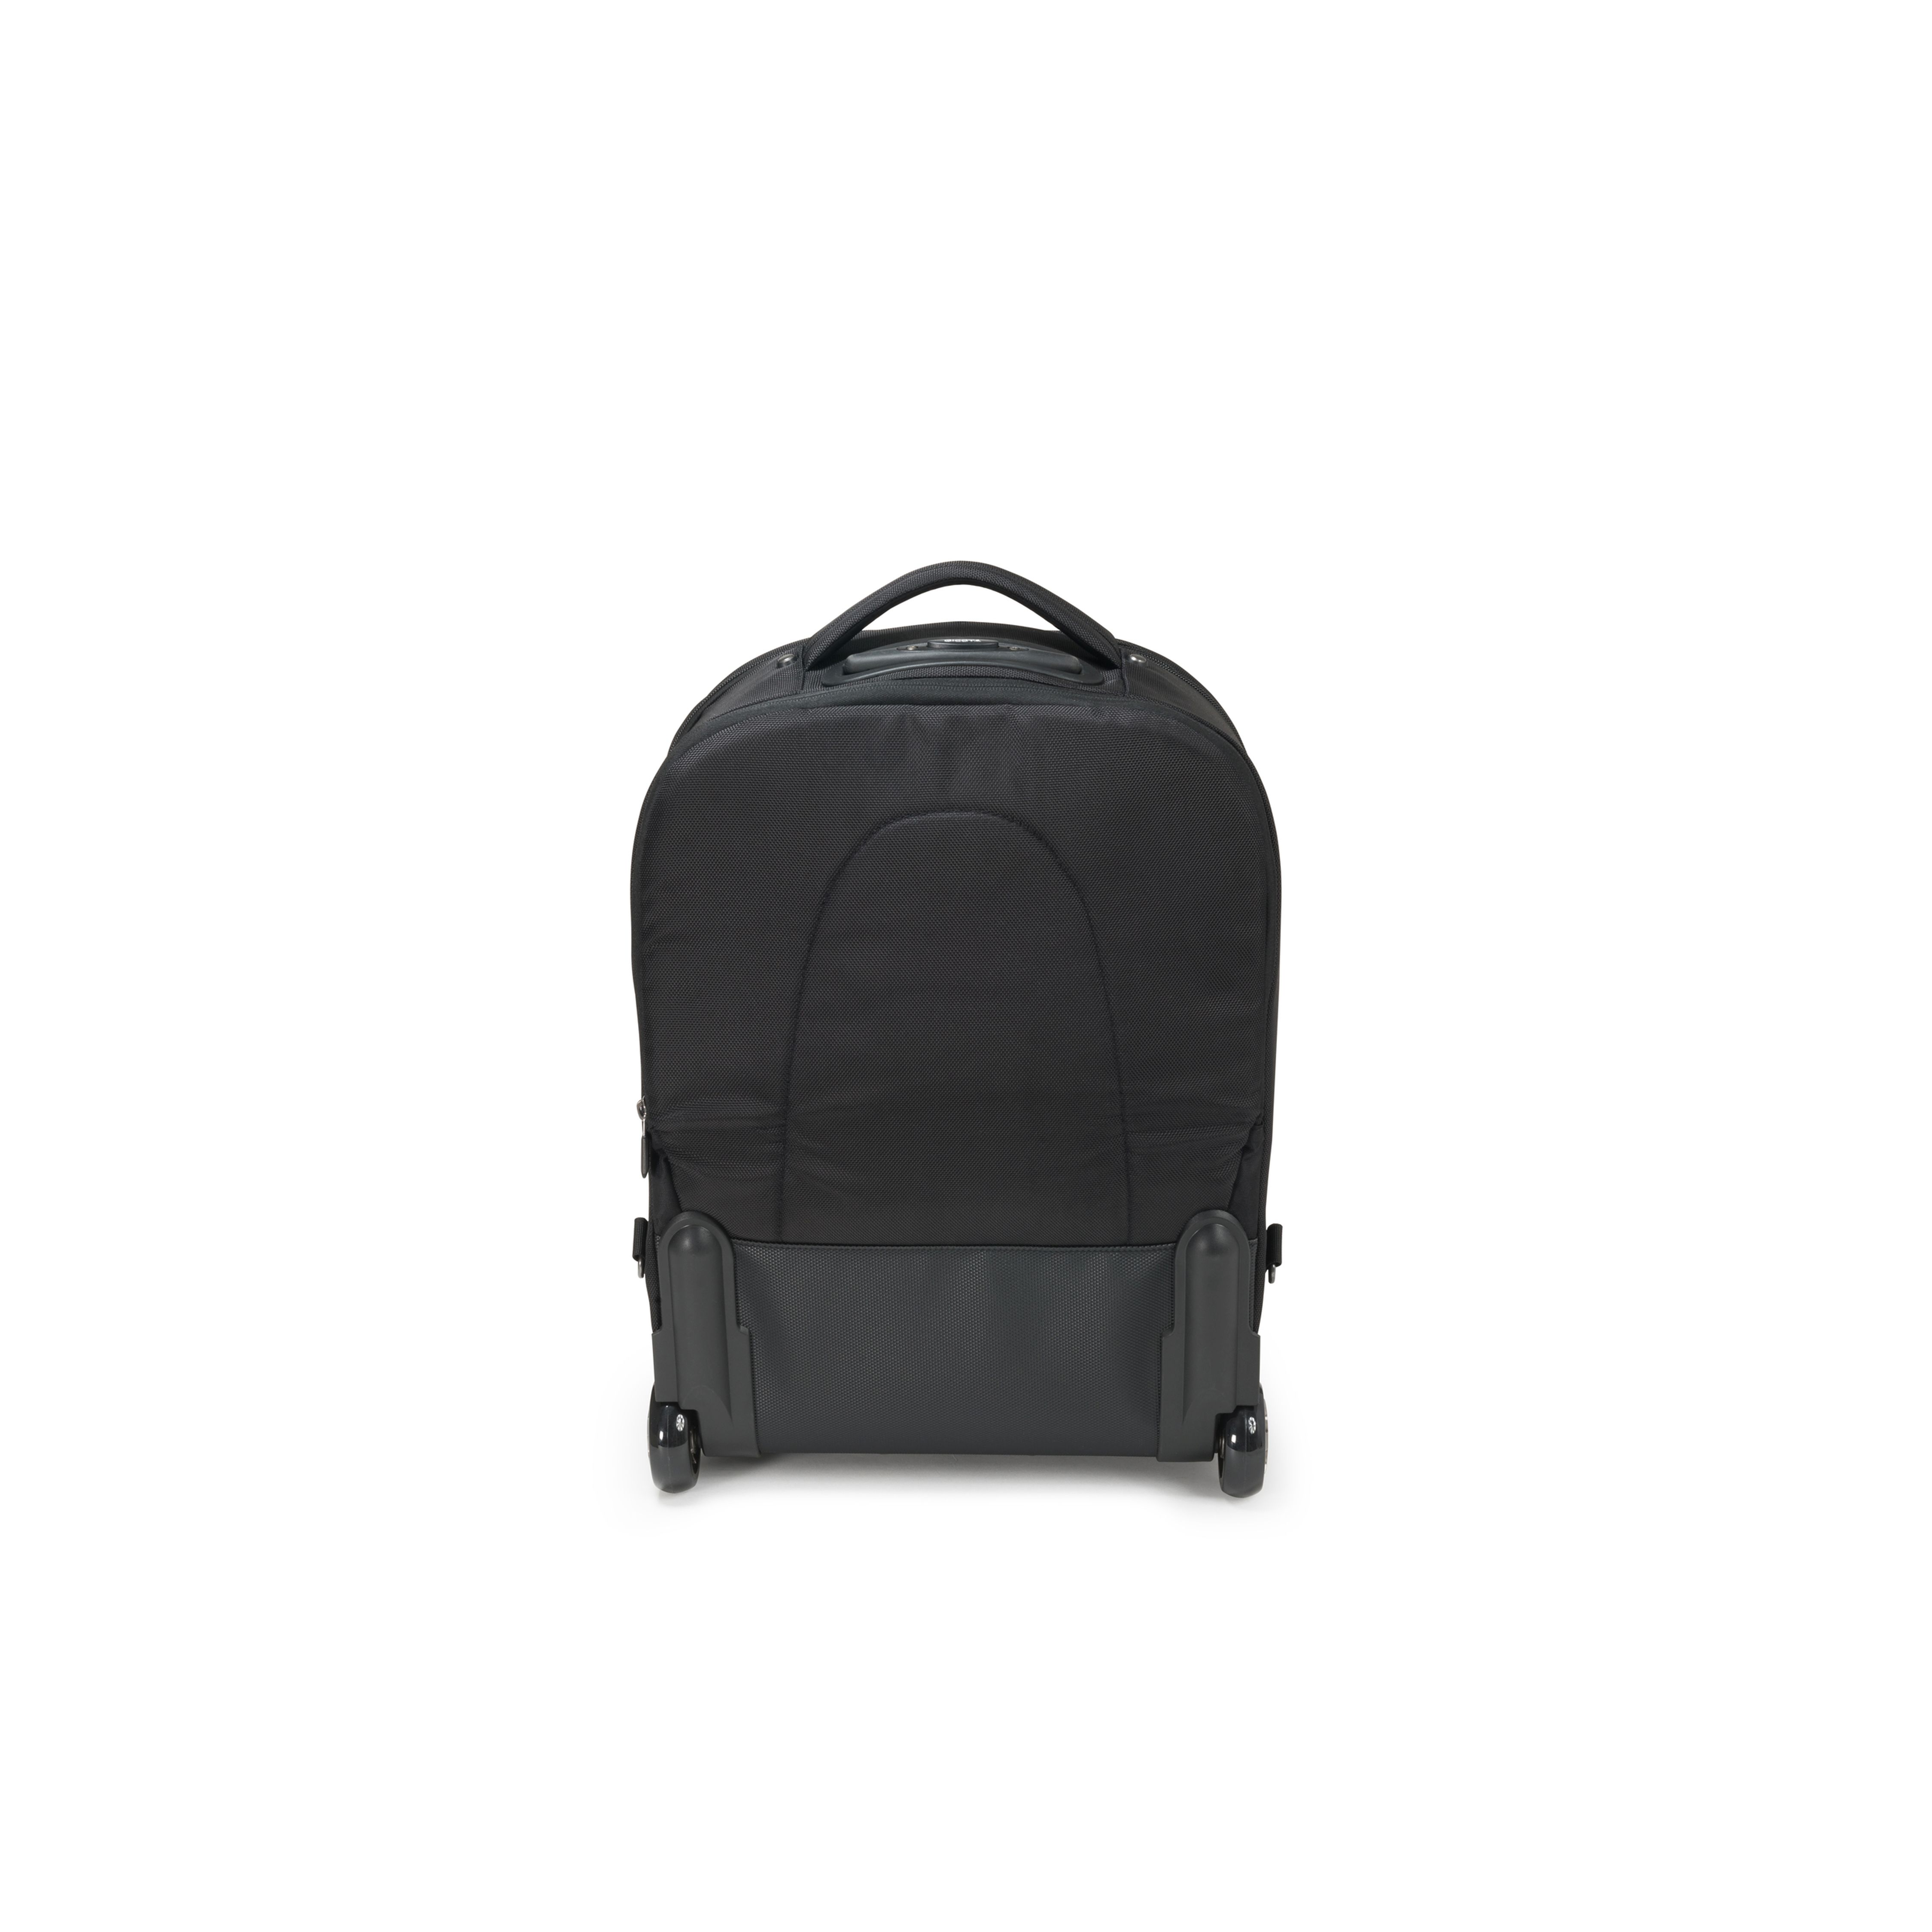 DICOTA Trolley »Backpack Roller PRO 15-17.3´´« | Taschen > Koffer & Trolleys > Trolleys | Schwarz | DICOTA